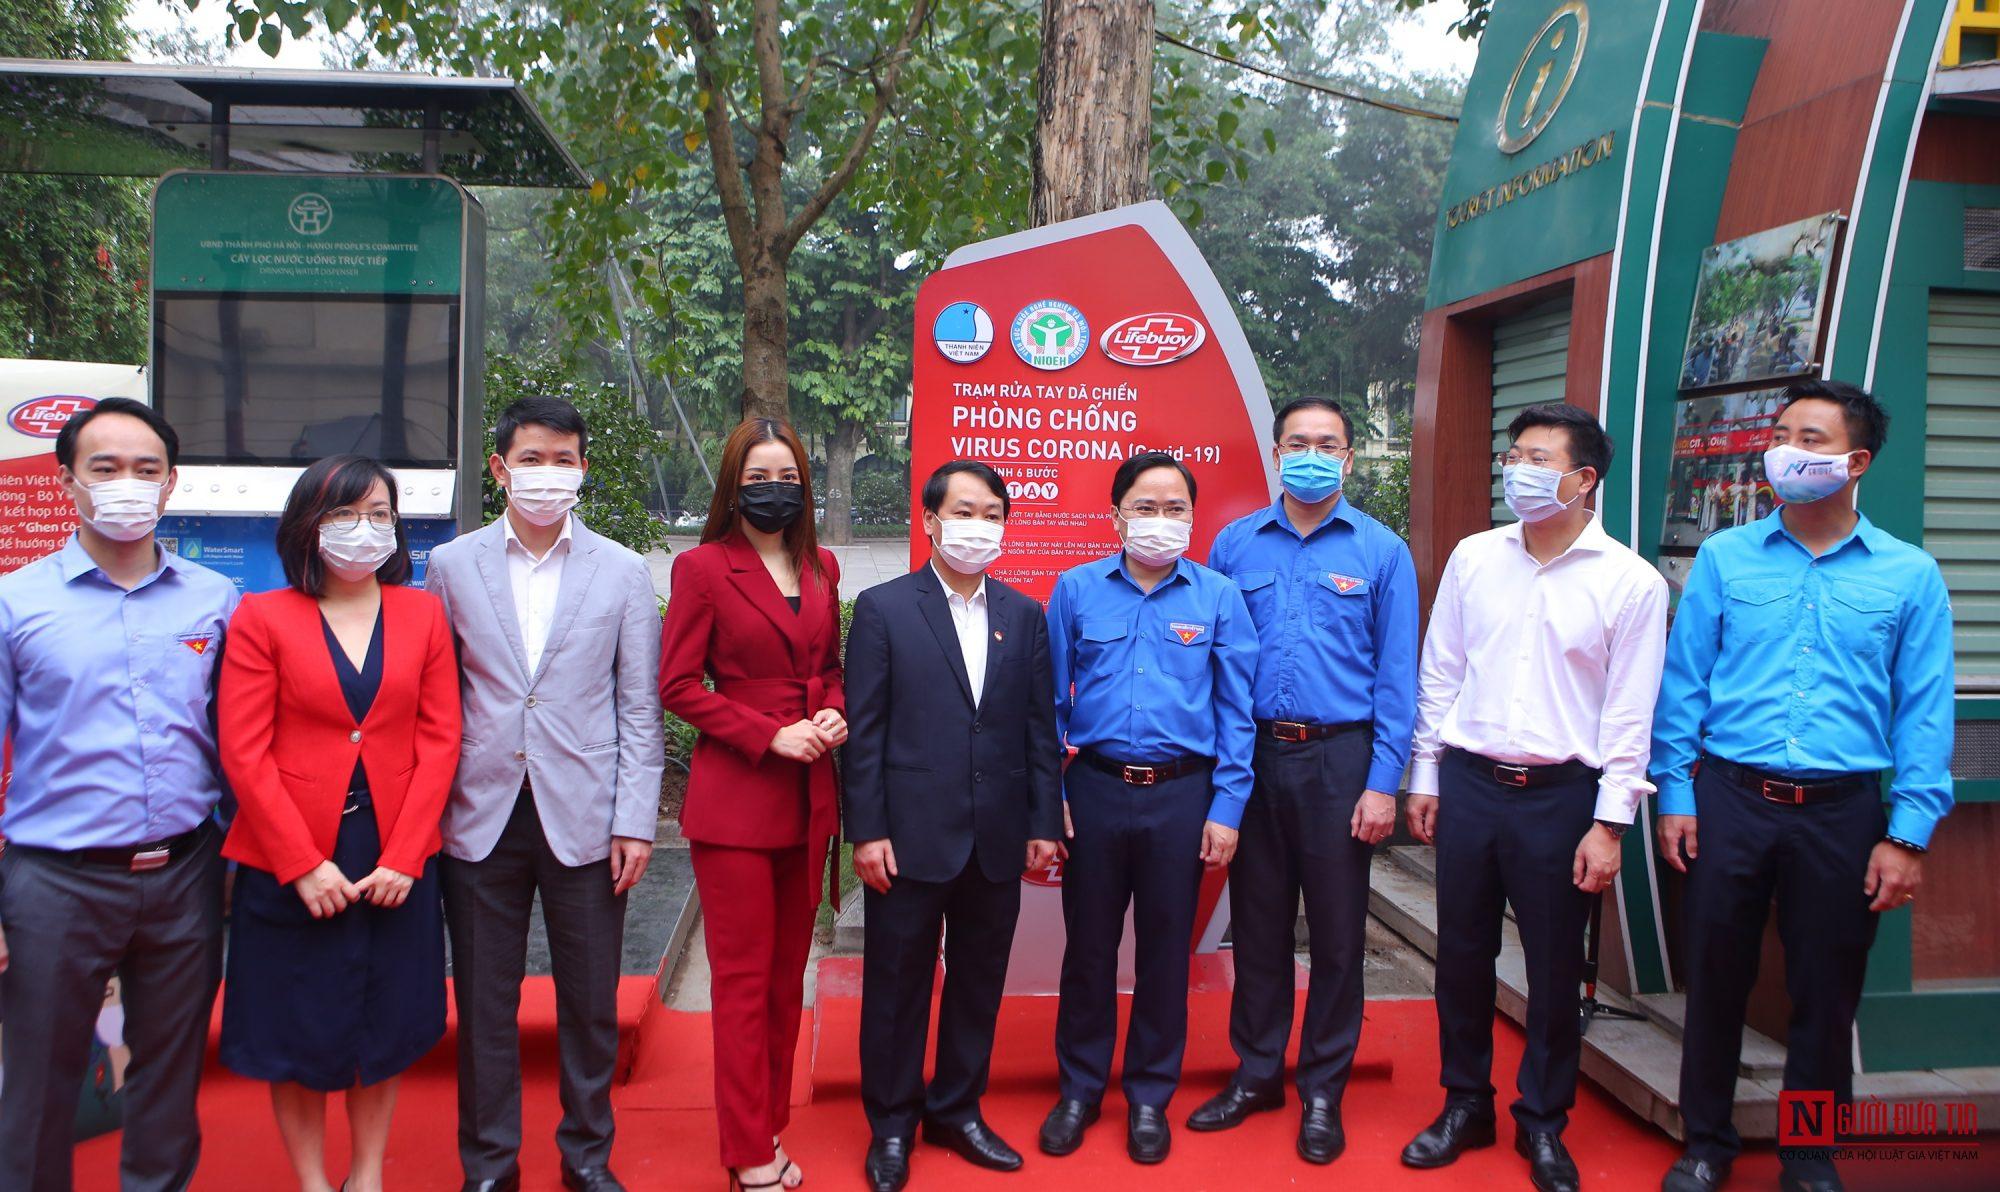 Sức khỏe - Chi Pu làm đại sứ của Quỹ 100 trạm rửa tay dã chiến phòng chống dịch Covid - 19 (Hình 5).